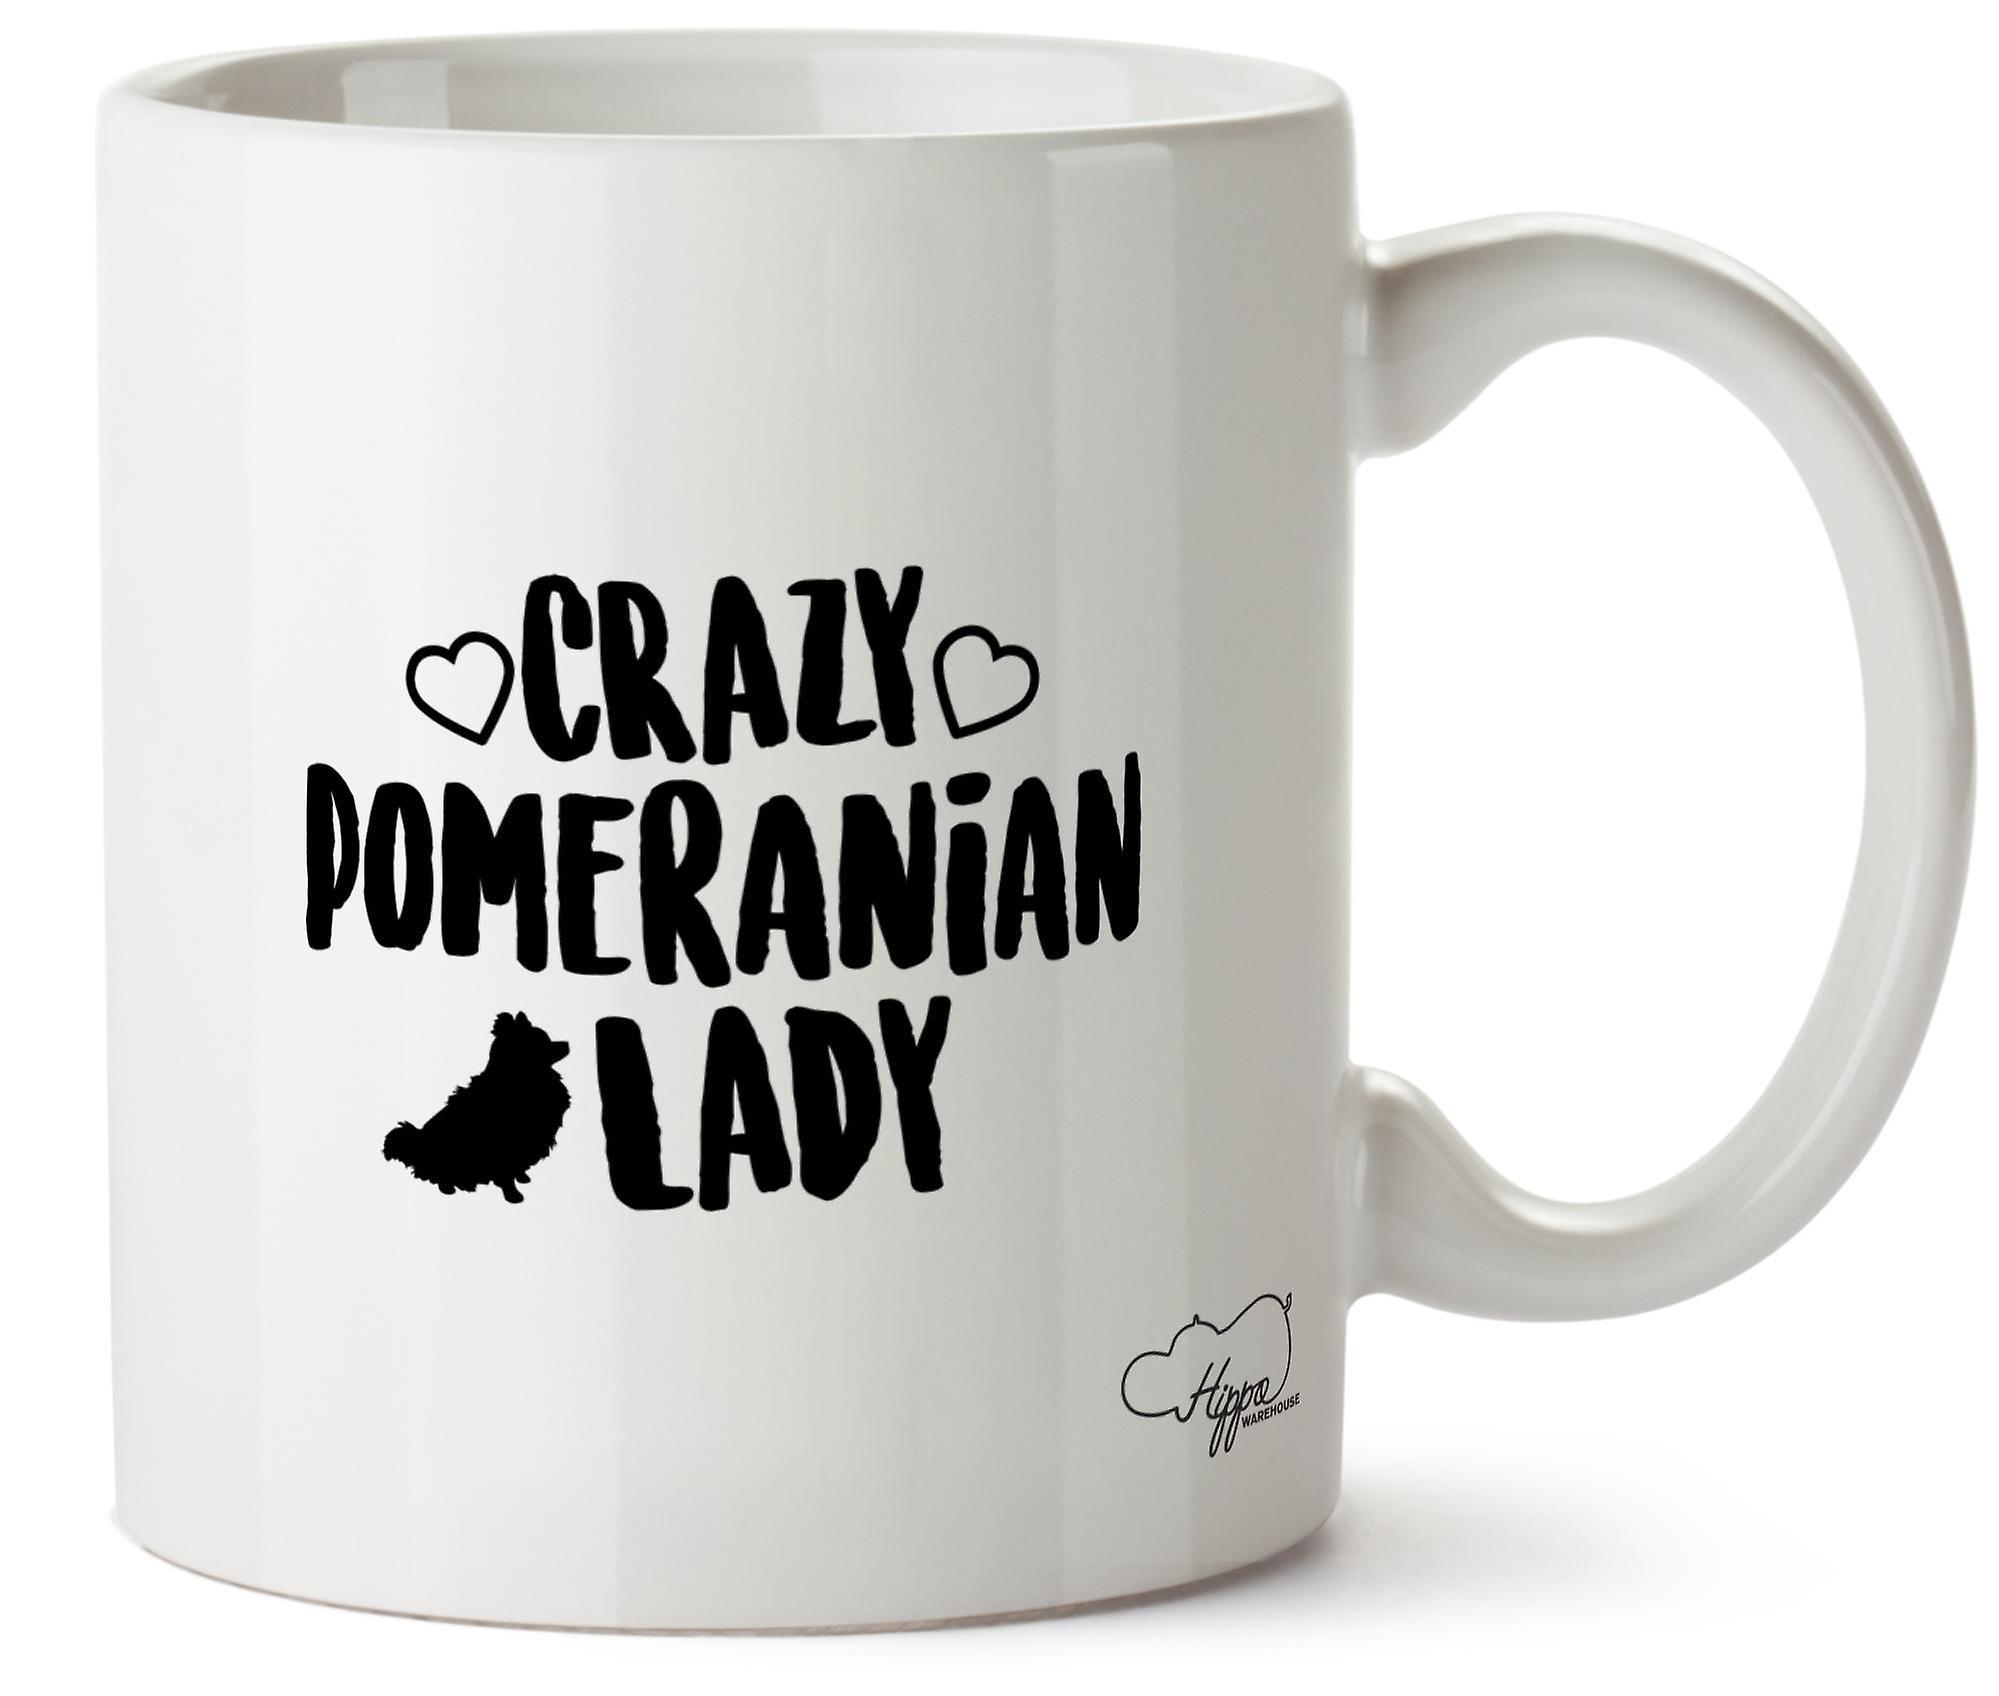 Hippowarehouse Crazy Pomeranian Lady Dog Printed Mug Cup Ceramic 10oz